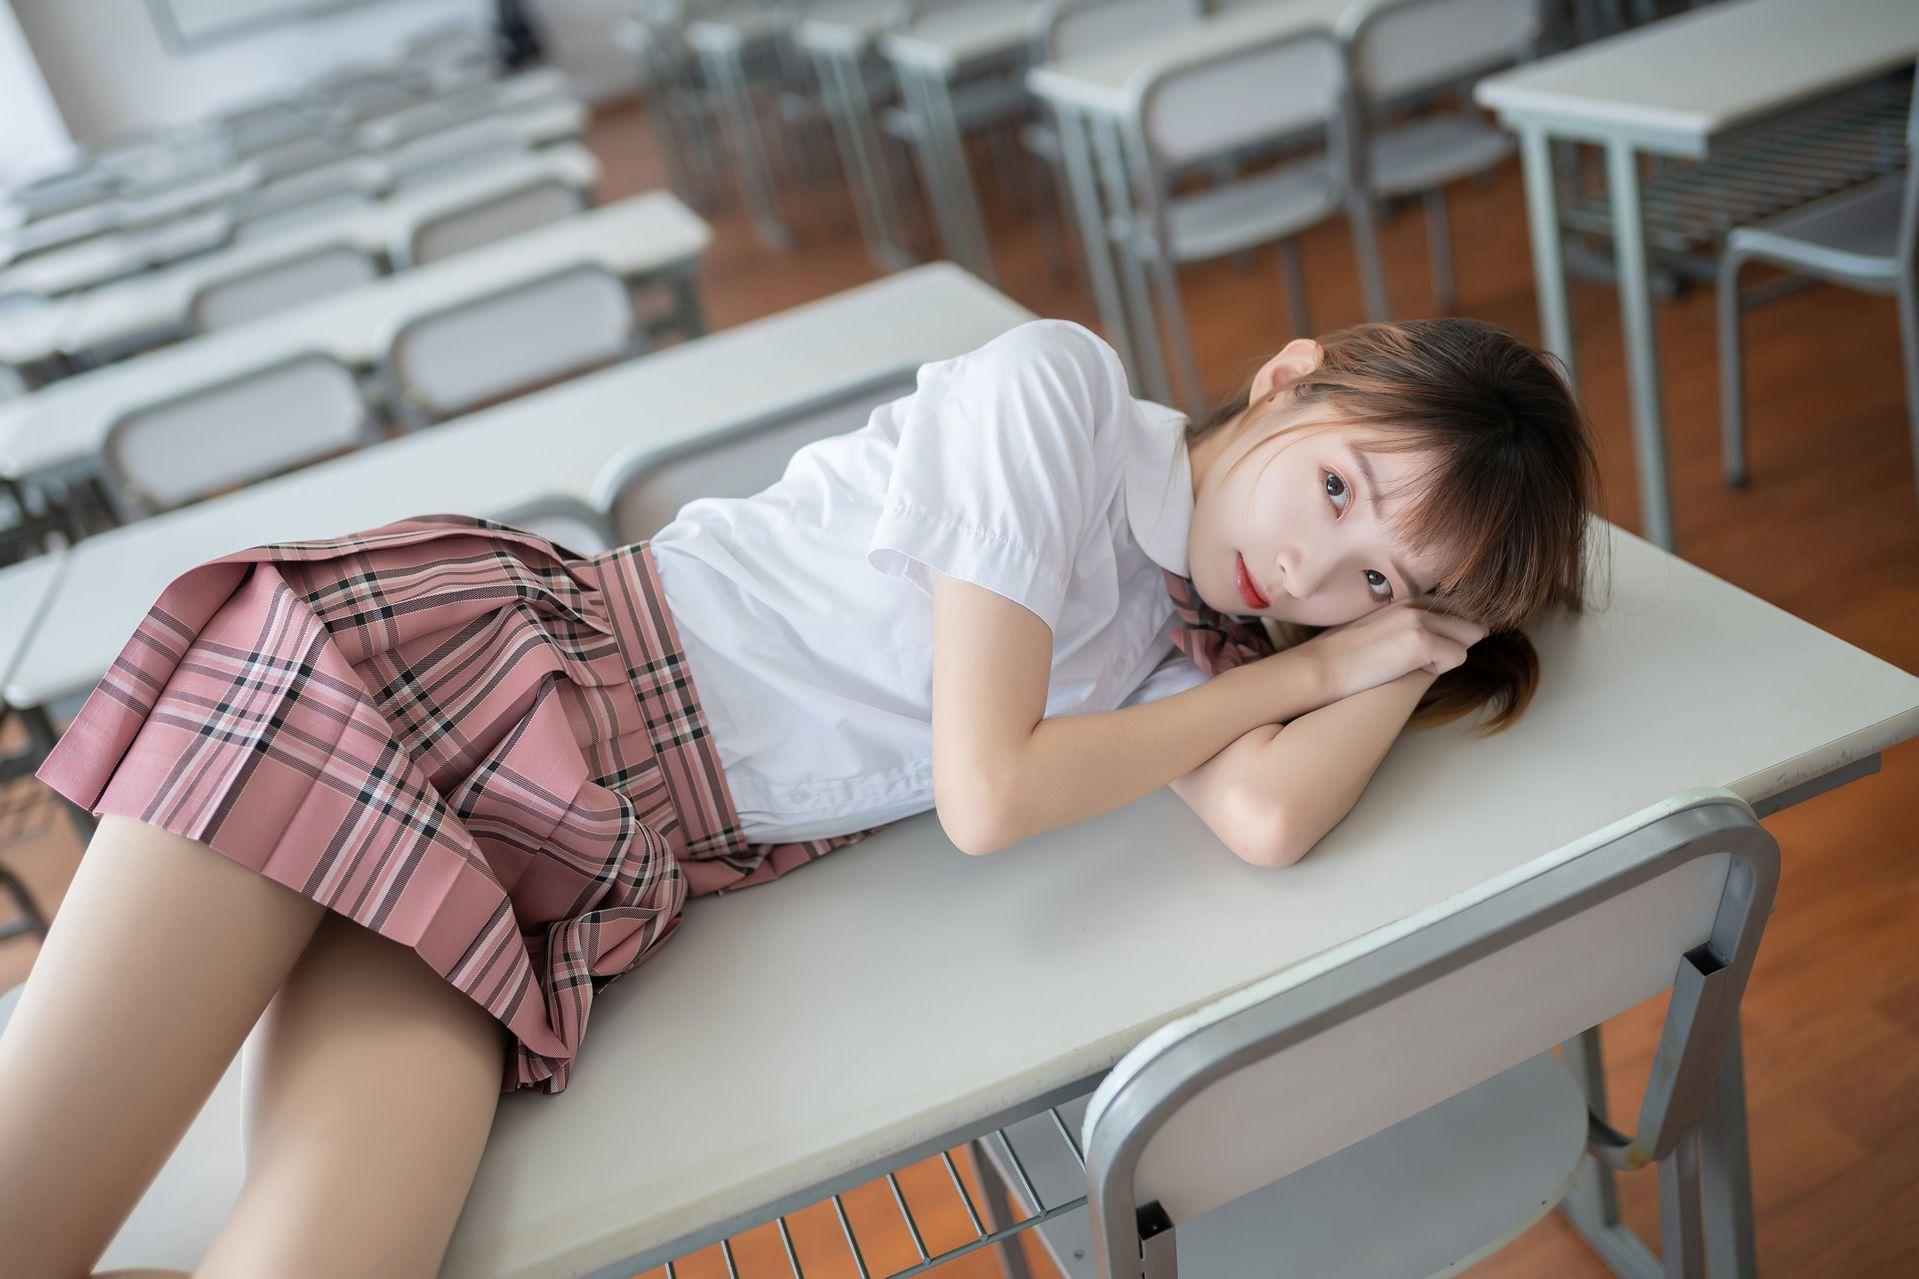 【风之领域】风之领域写真 NO.114 教室里的粉色短裙少女 [49P-123MB] 风之领域 第4张